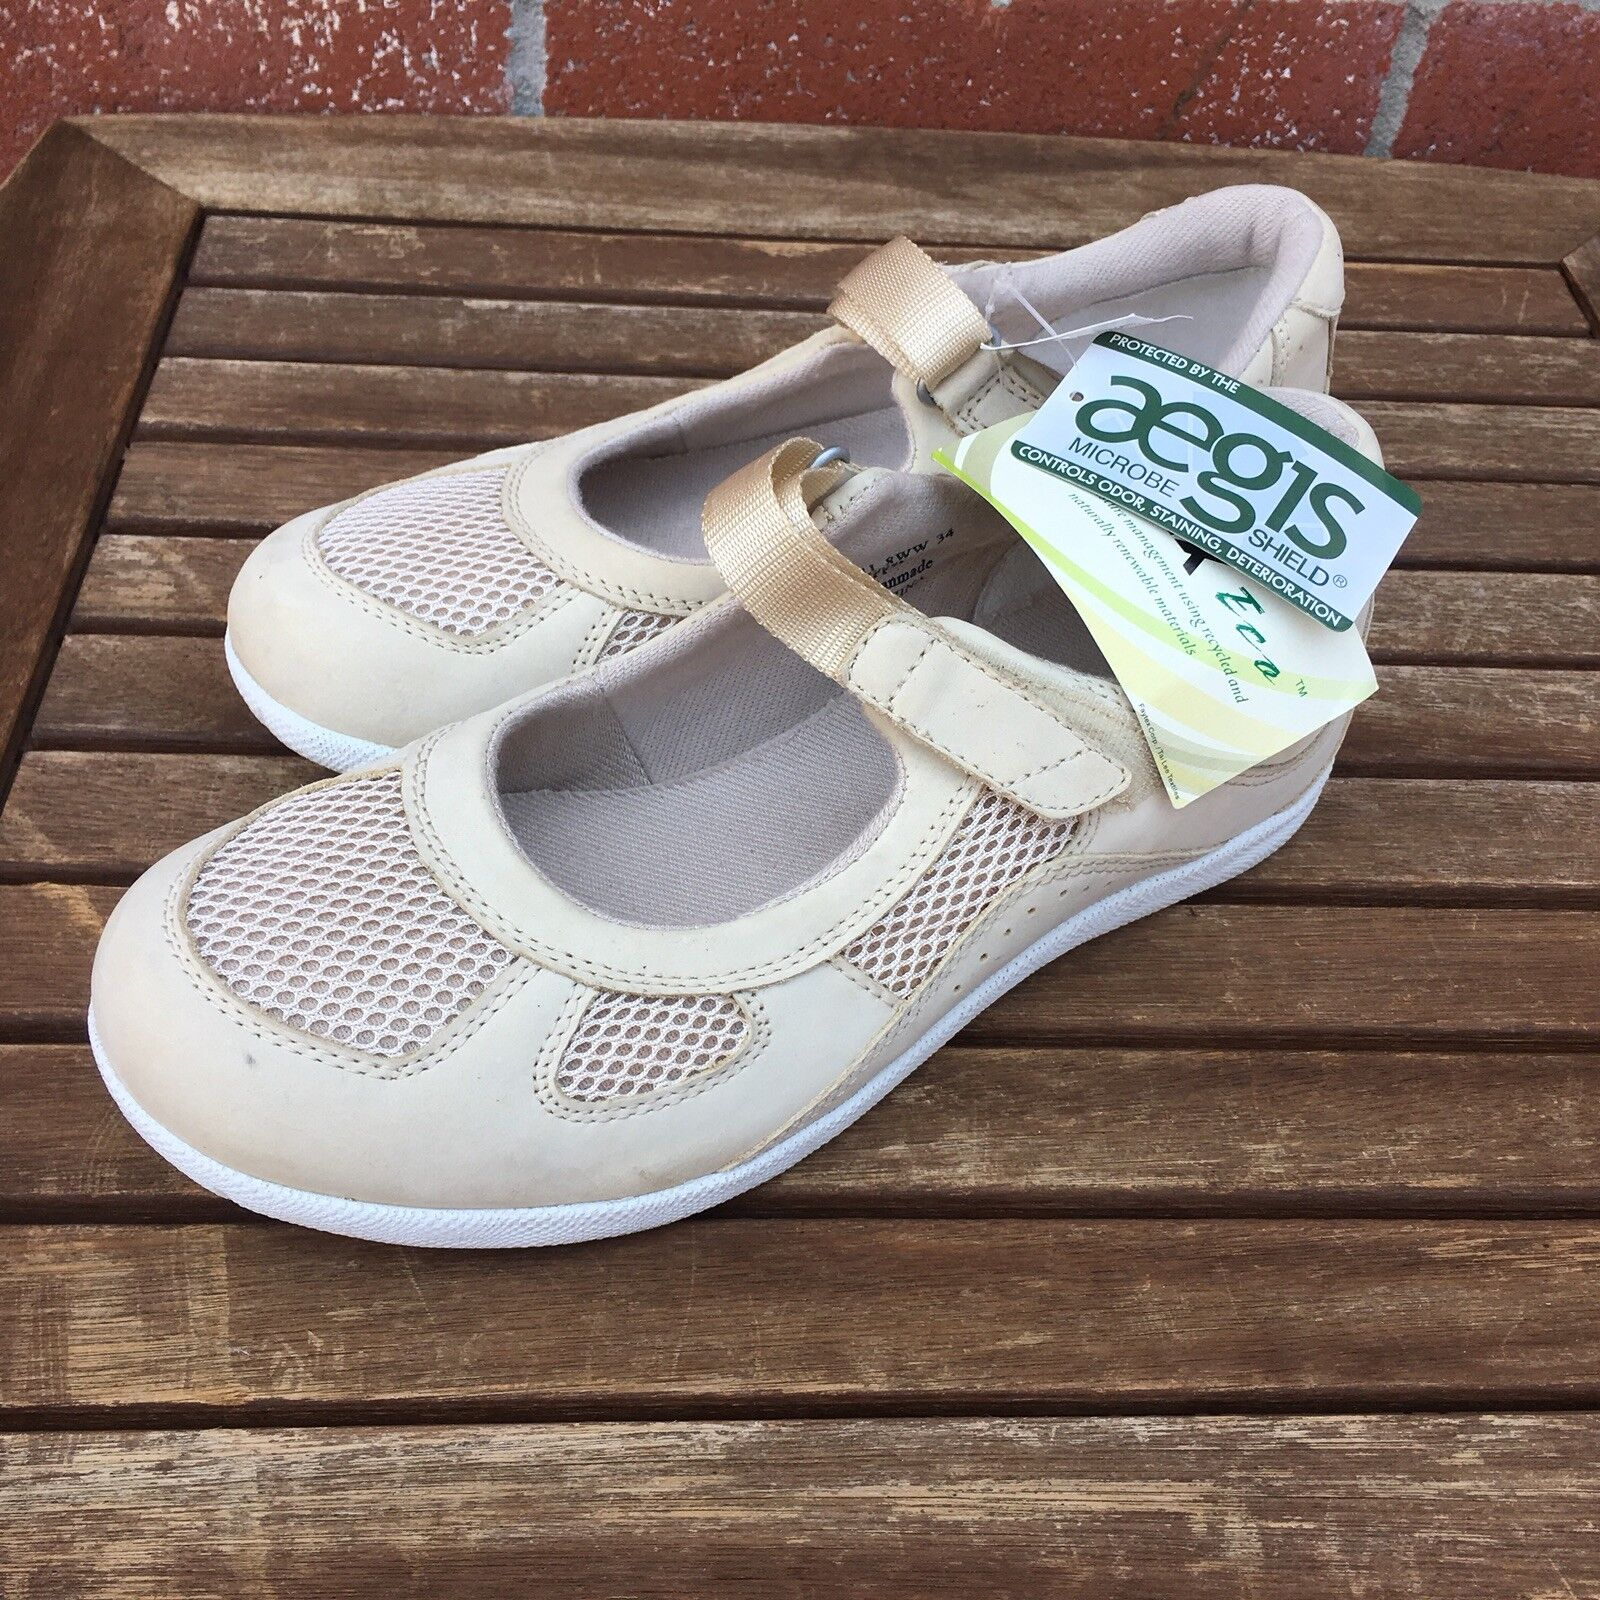 Barefoot Freedom Drew Bone femmes Sz 8WW XW Delite Mary Jane chaussures Dri-Lex Bamboo